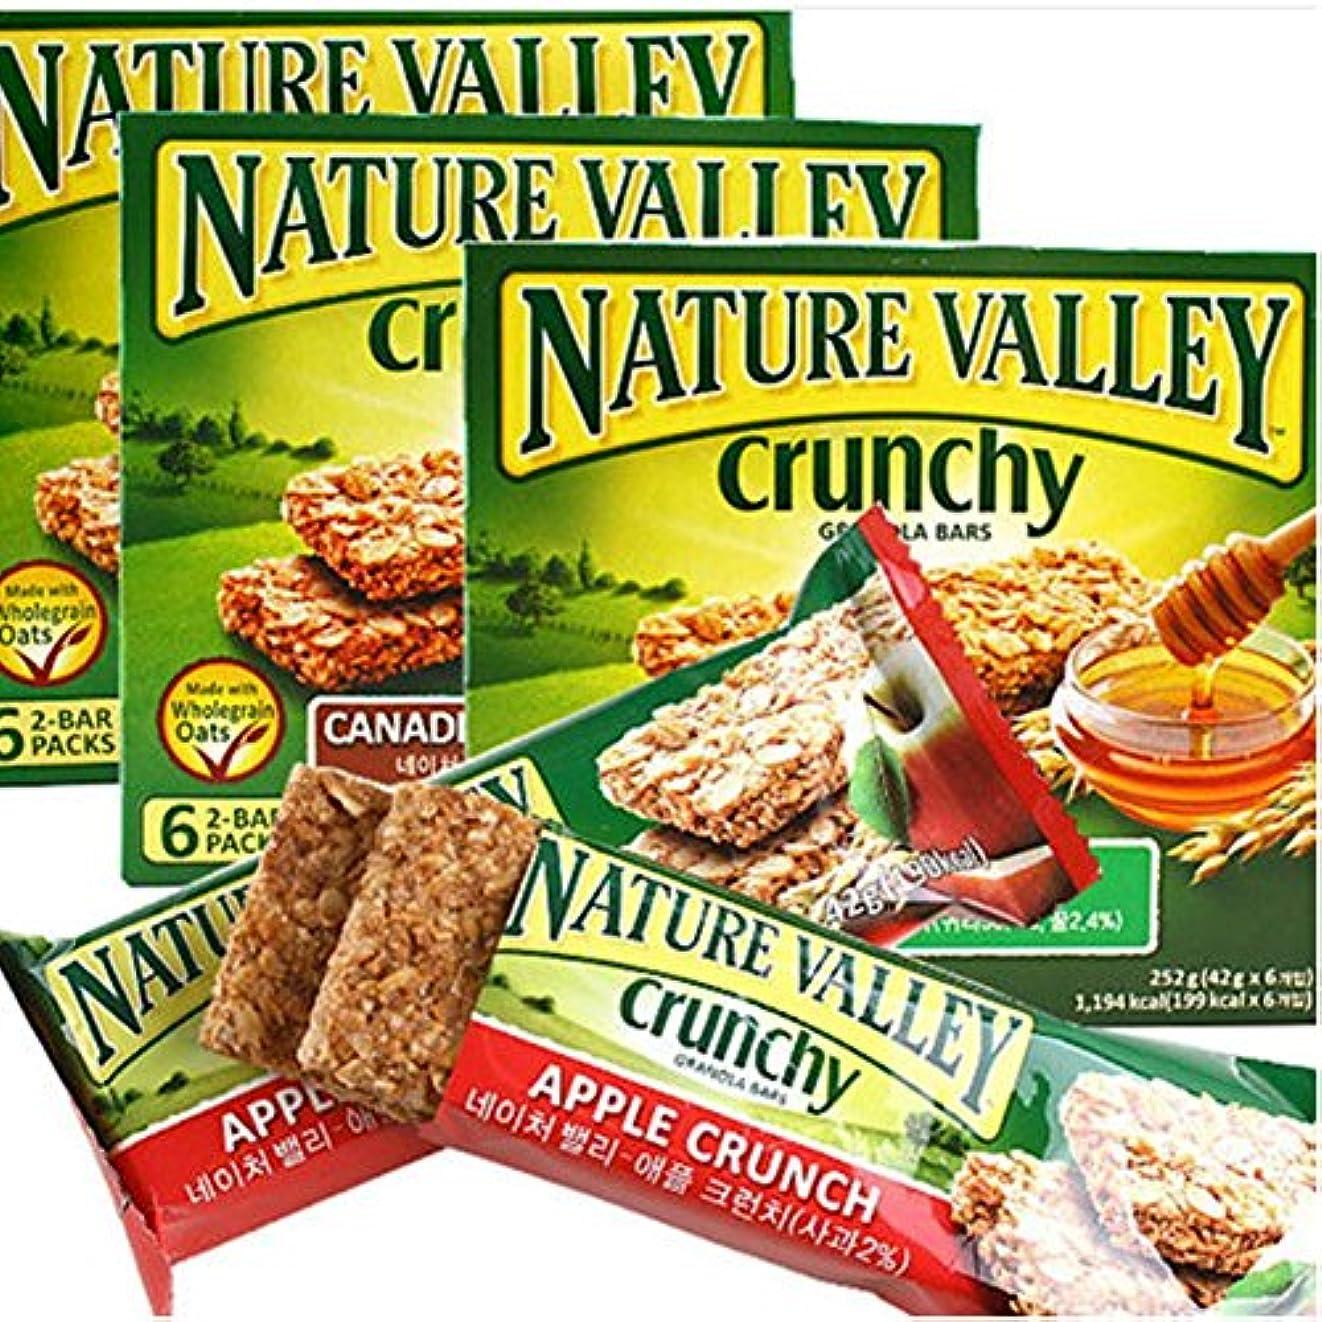 不機嫌海外我慢する[ネイチャーバレー/Nature Valley] APPLE CRUNCH SYRUP/ネイチャーバレークランチグラノーラバー42g5パックx3 Box - アップルクランチシロップ(合計15袋)穀物バー/シリアル/栄養...